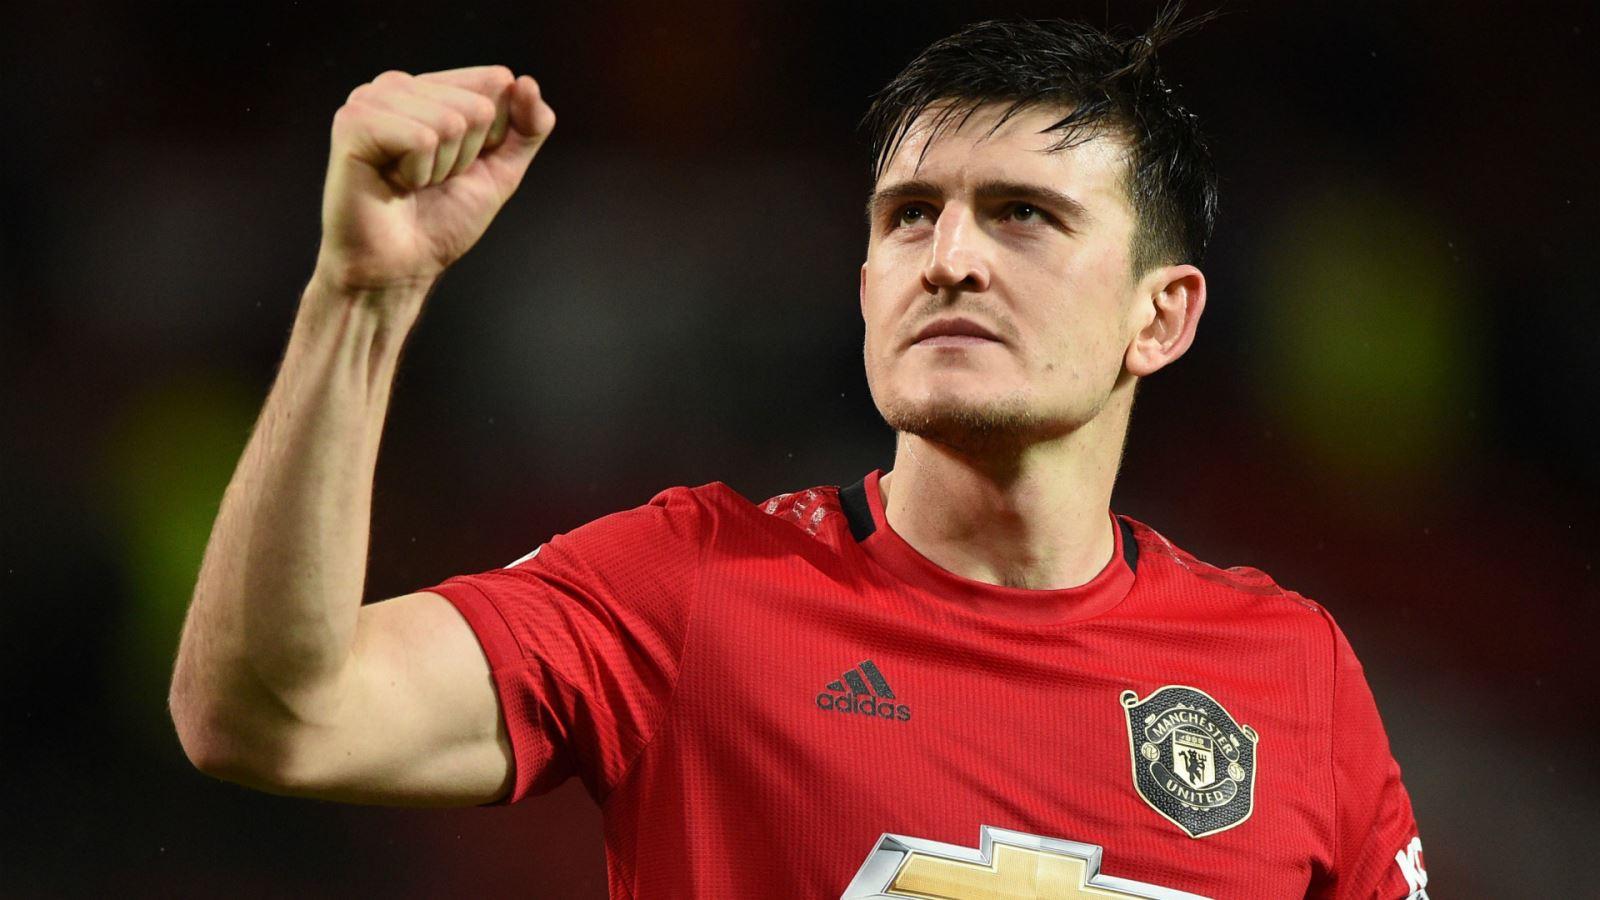 Tin bóng đá MU 24/12: Maguire muốn MU phải có danh hiệu. Solskjaer nhớ lại ký ức buồn